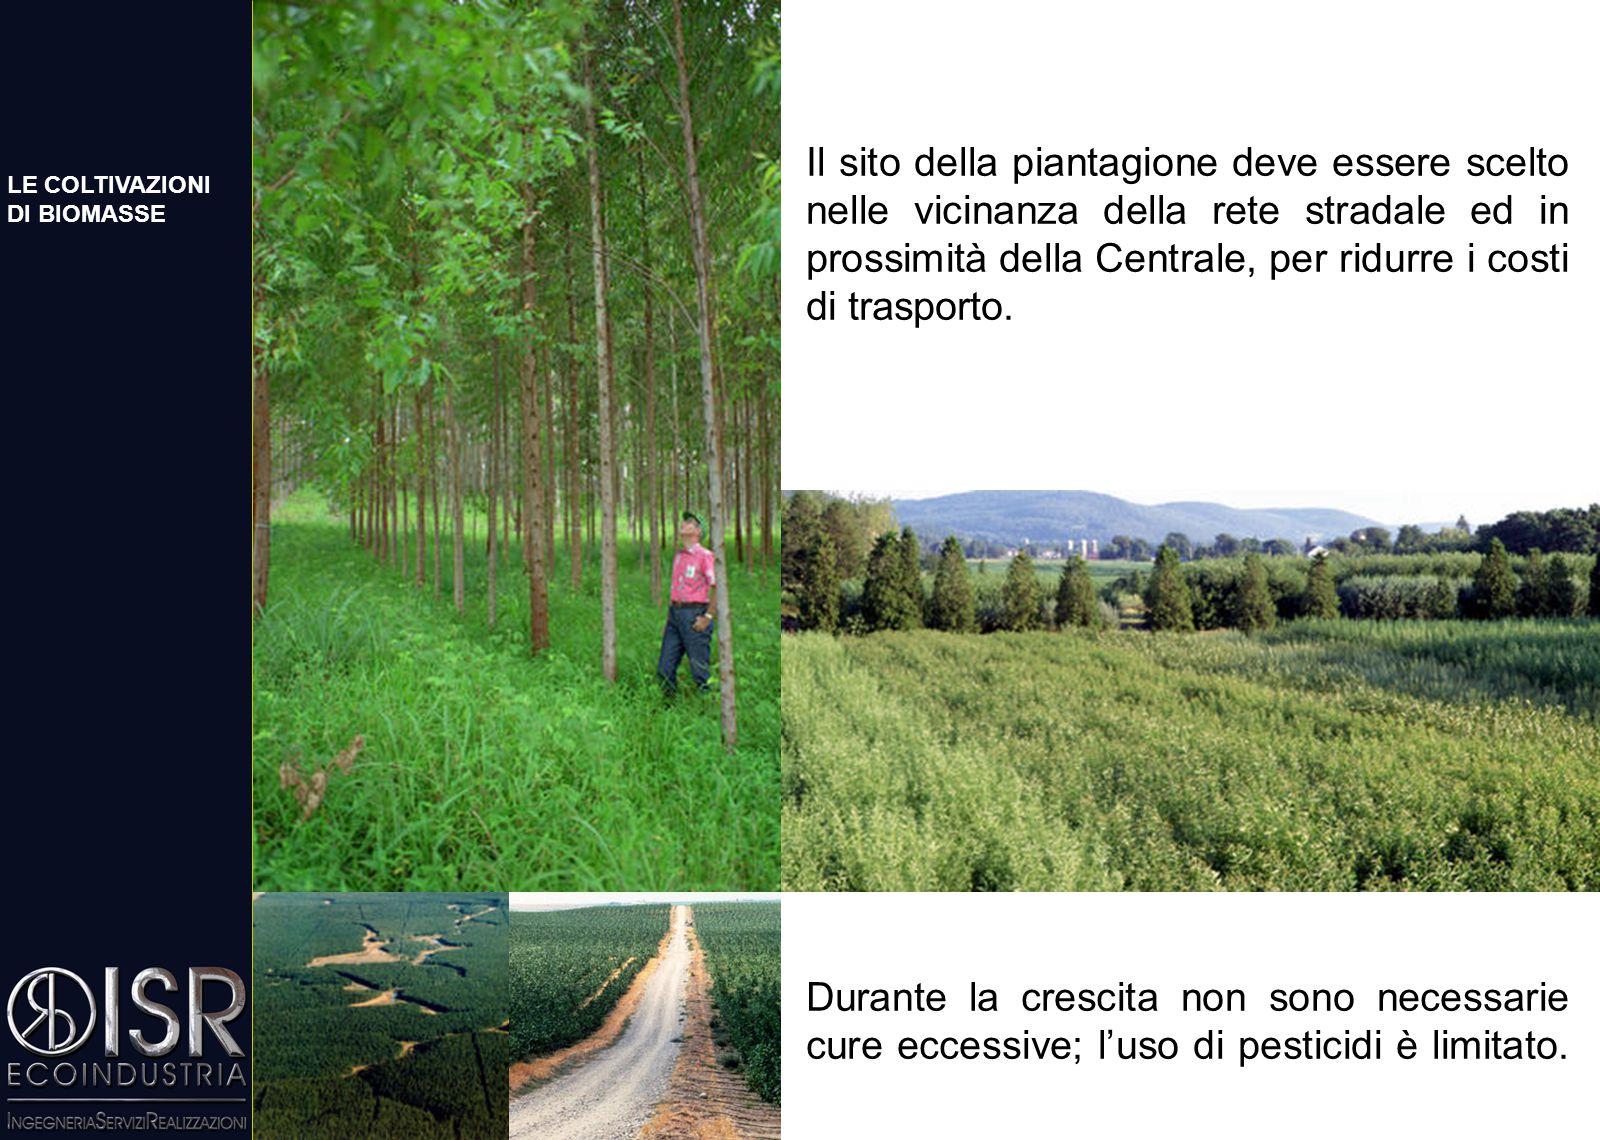 SHORT ROTATION FORESTRY: IL PAESAGGIO Boschi di pioppeti, salici, eucalipti (specie arboree) e miscanto, ginestra, canna comune (specie erbacee), a se